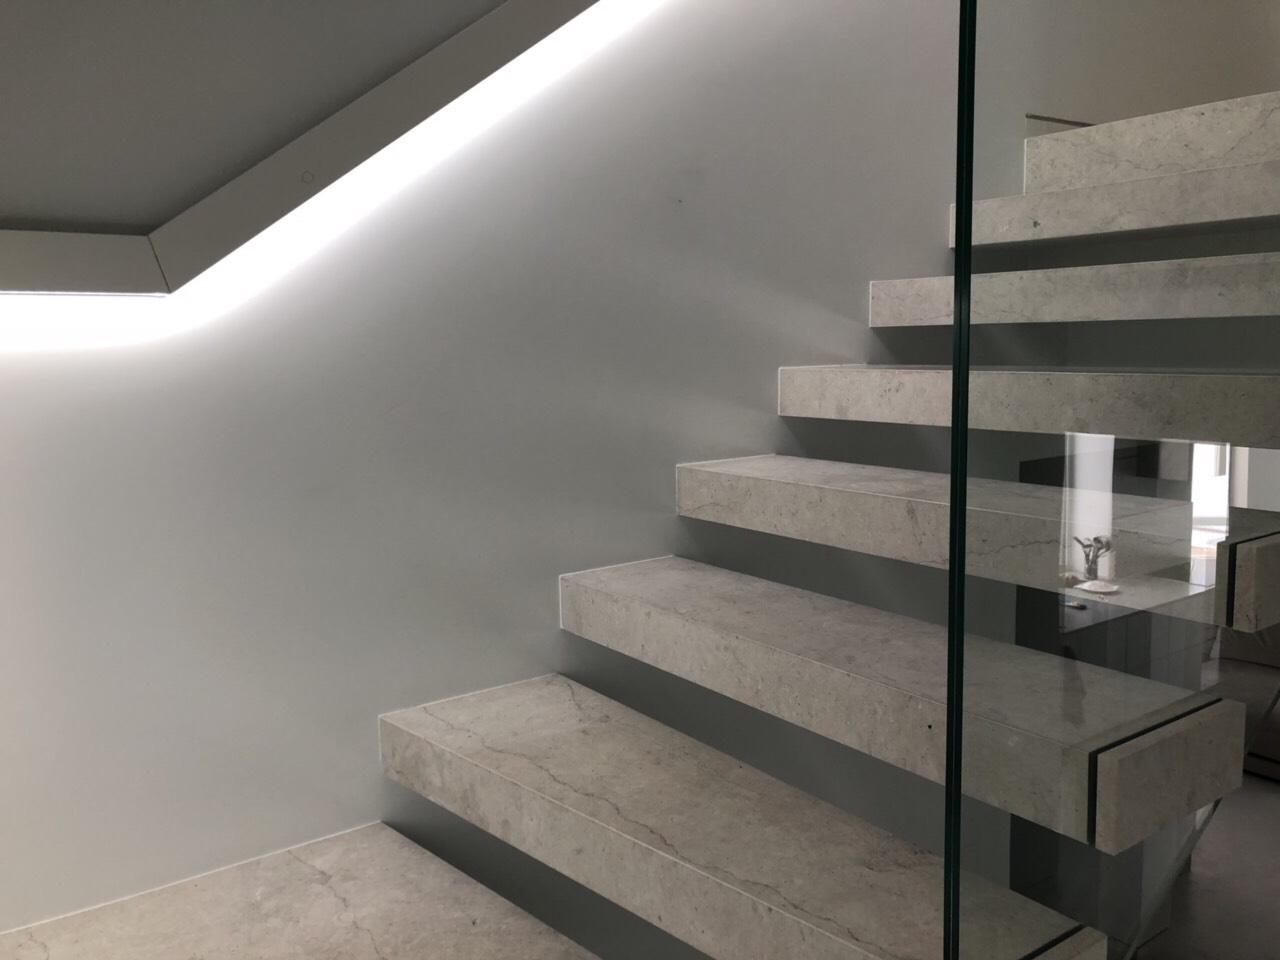 консольні сходи зі скляним огородженням